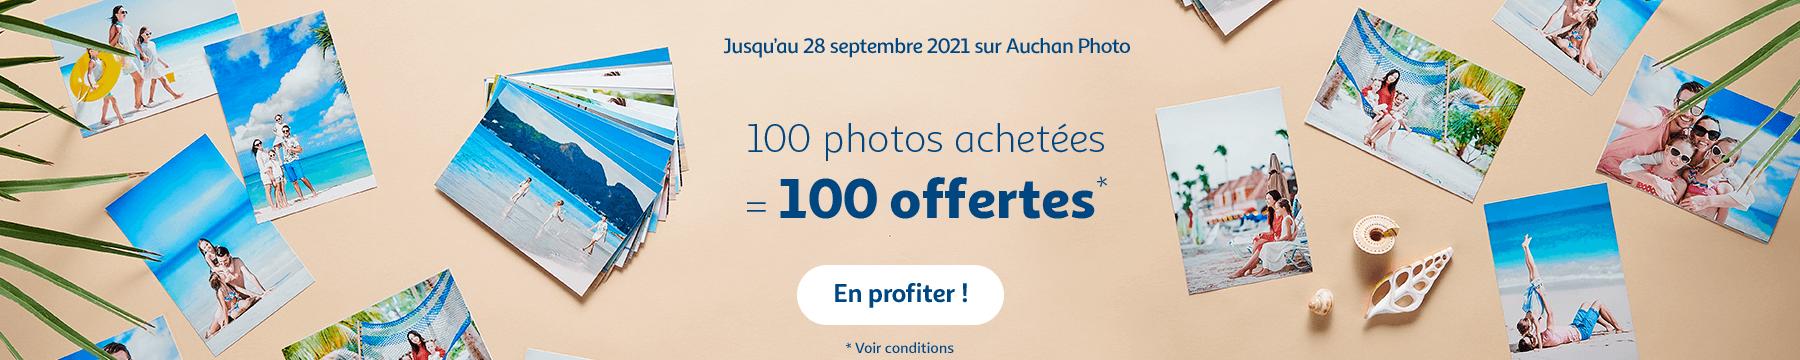 100 photos achetées égale 100 offertes sur Auchan photo